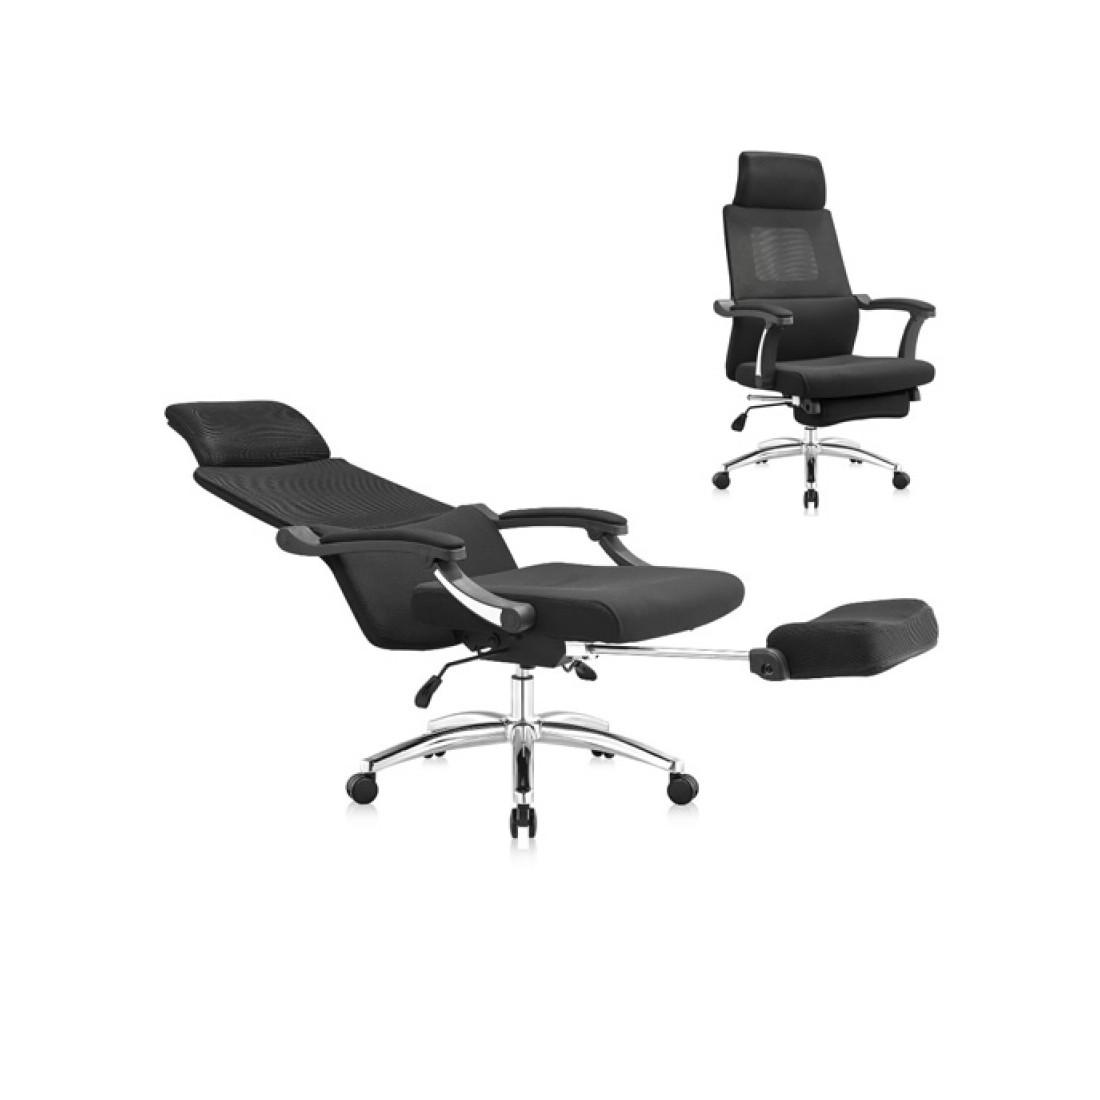 Ghế ngả trưa văn phòng S606-Thế giới đồ gia dụng HMD